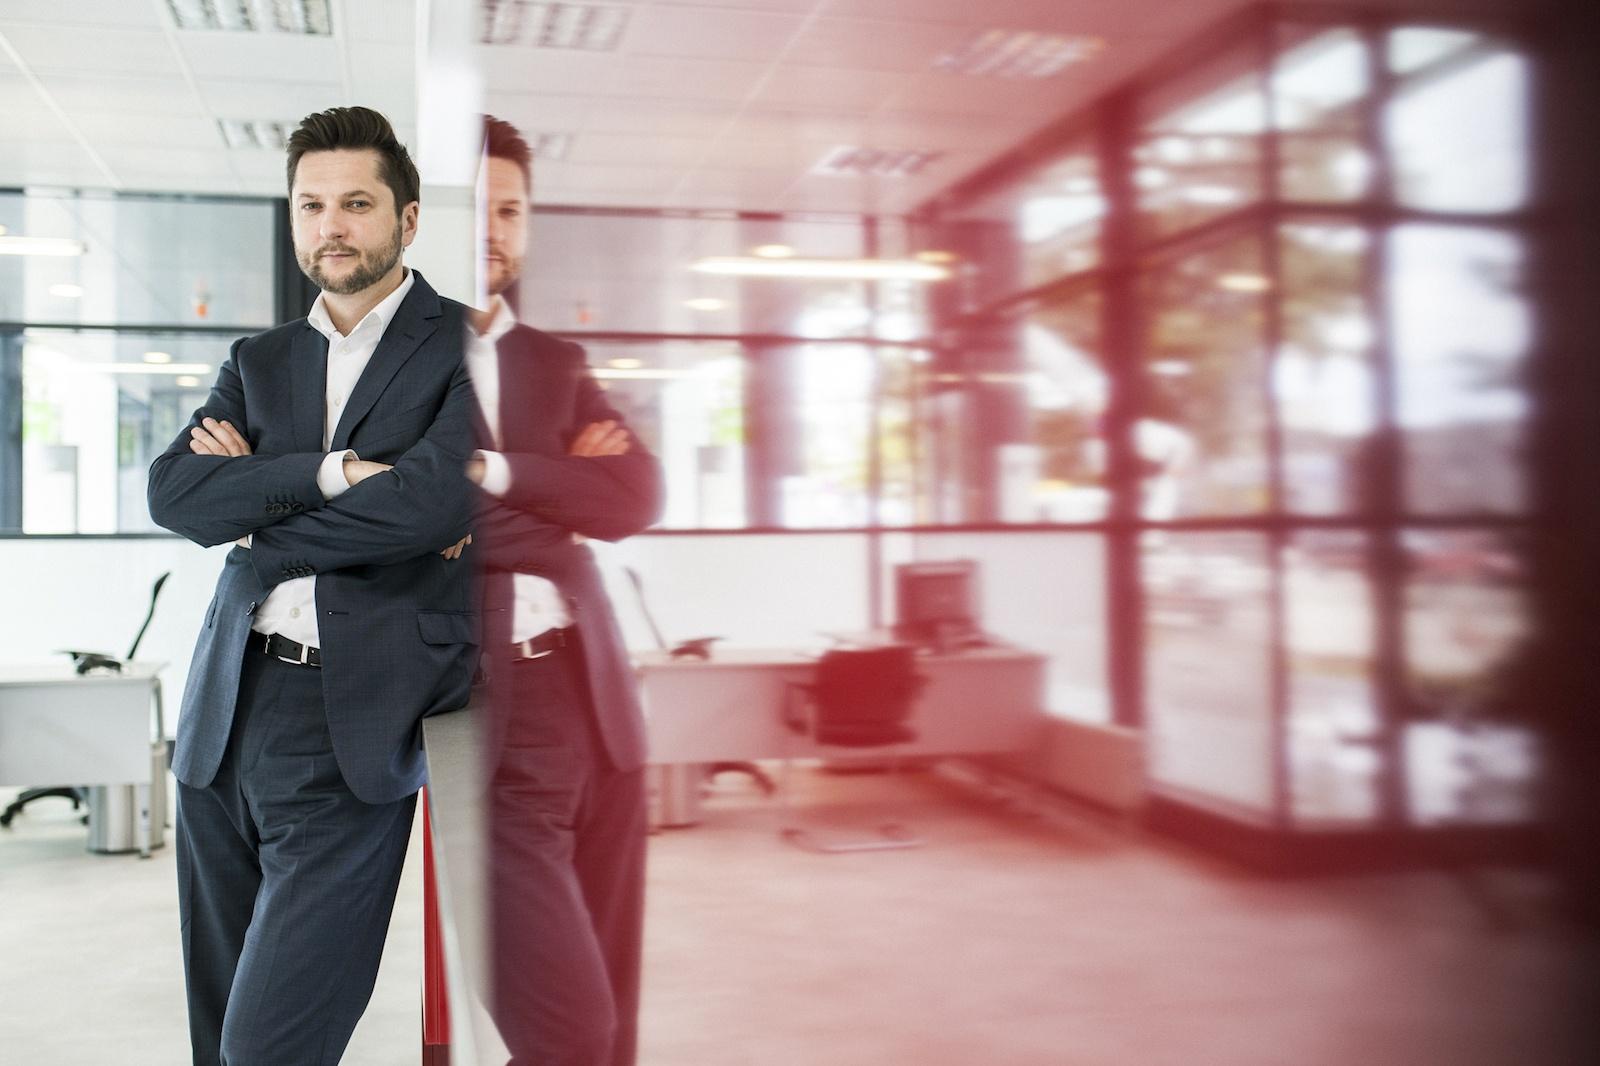 Foto: Niko Havranek, www.nikohavranek.com